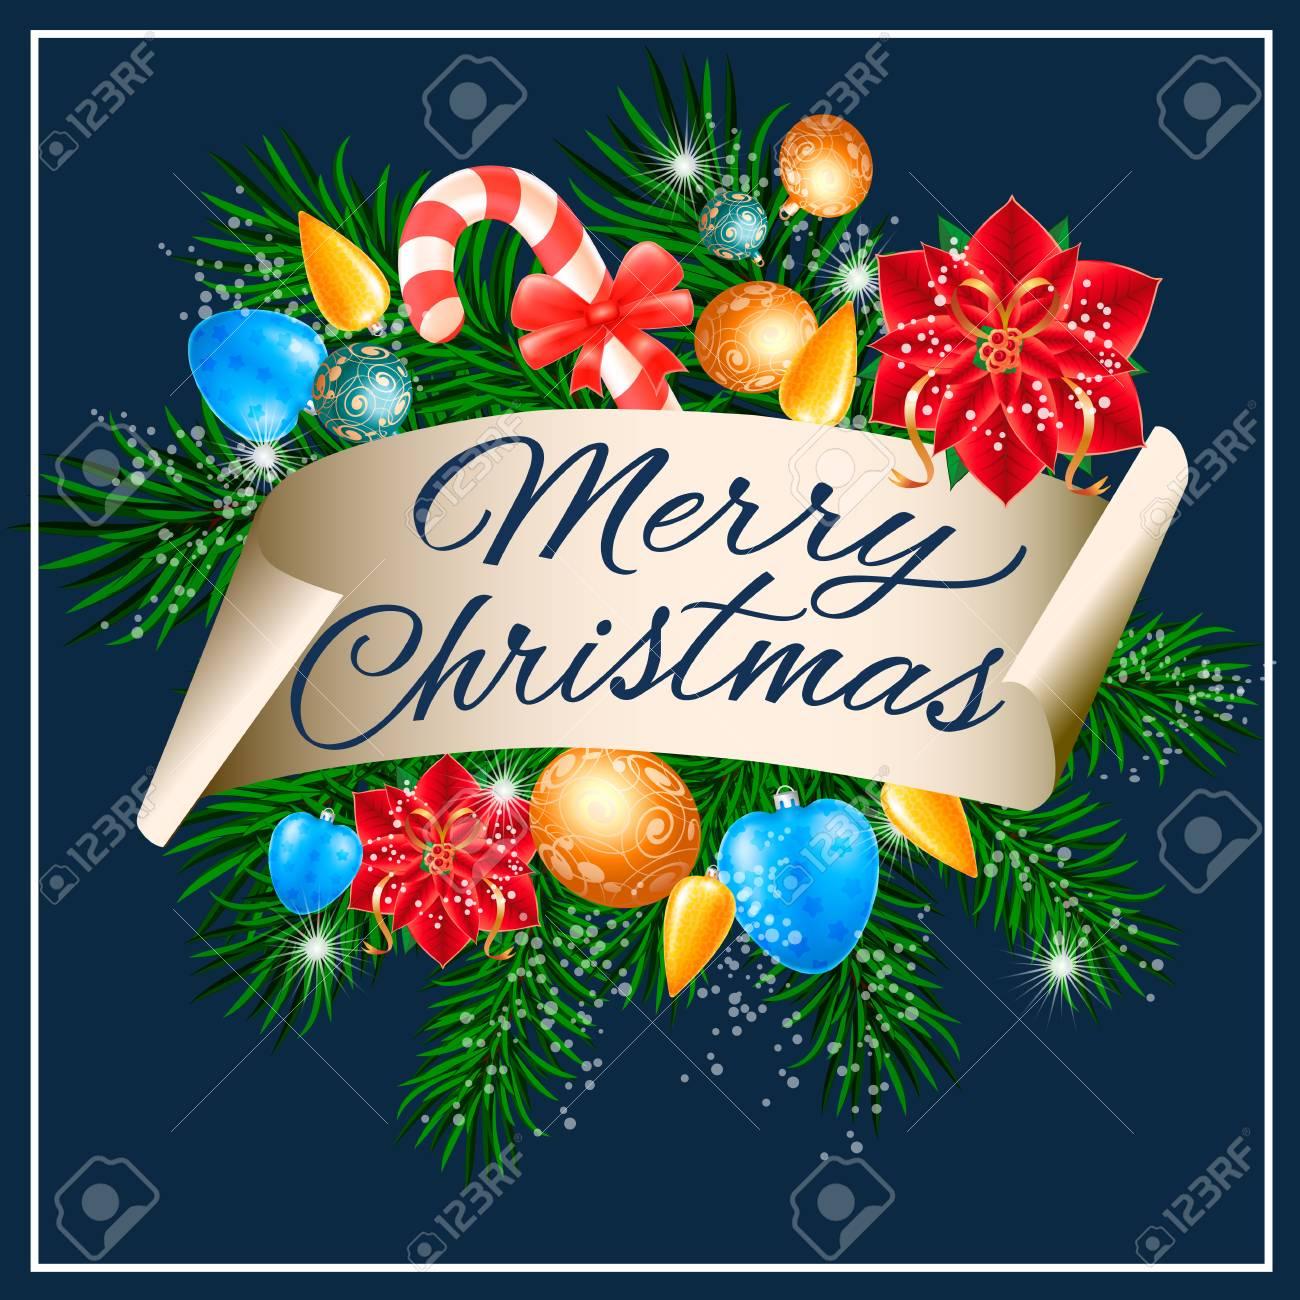 Immagini Con Scritte Di Buon Natale.Buon Natale Scritte Con Decorazioni Rametti Di Abete E Ornamenti Di Natale Testo Scritto A Mano Calligrafia Puo Essere Utilizzato Per Biglietti Di